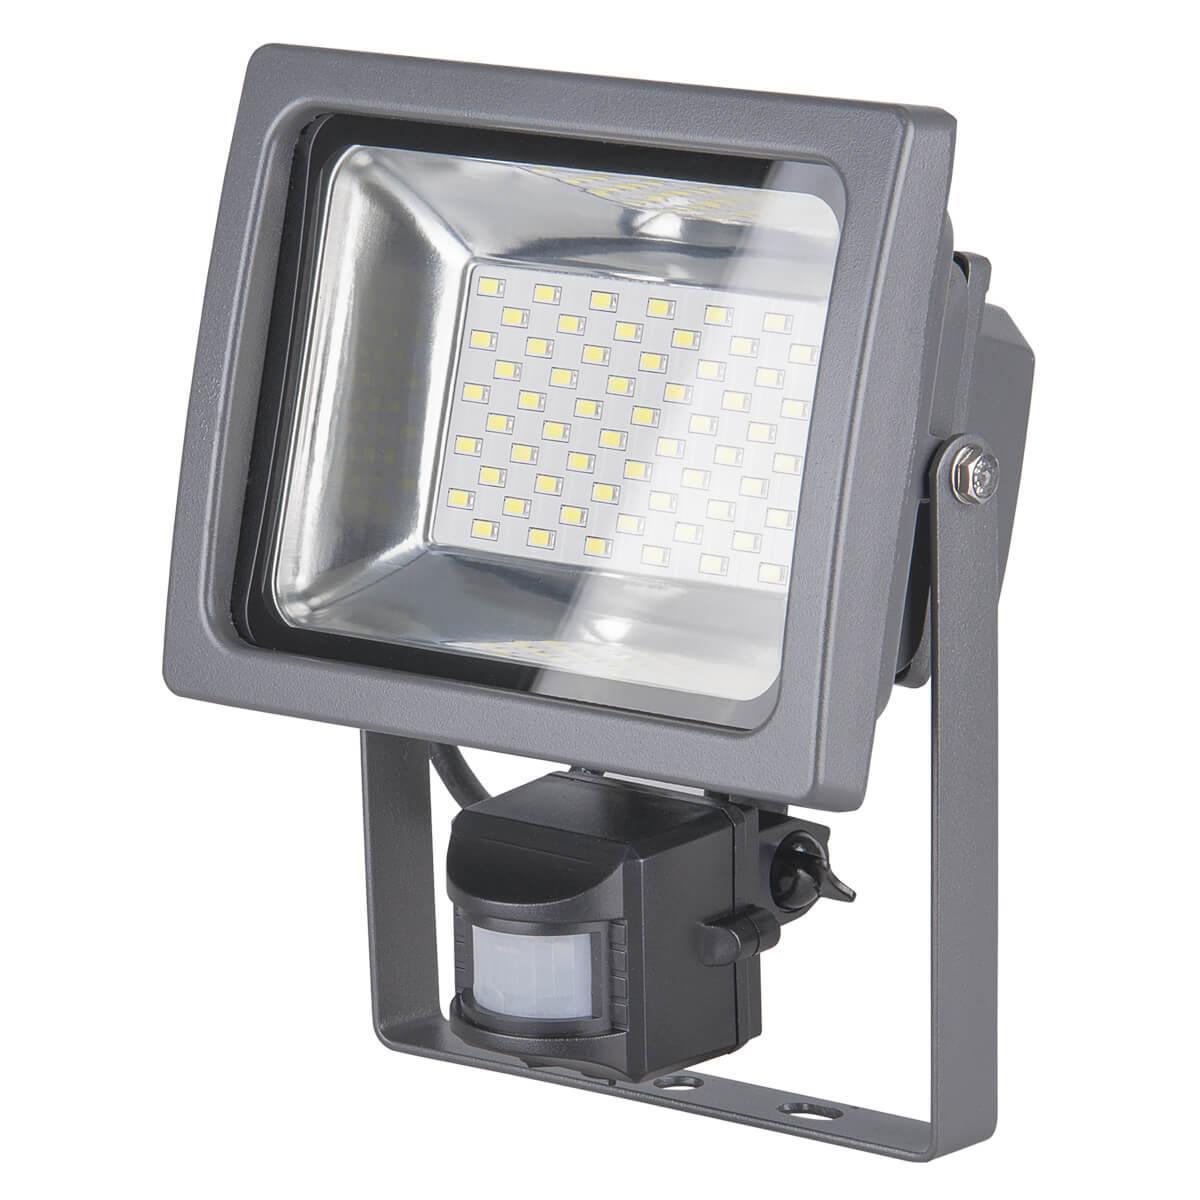 Прожектор Elektrostandard 4690389080500, 30 Вт elektrostandart прожектор прожектор с датчиком 003 fl led 30w 6500k ip44